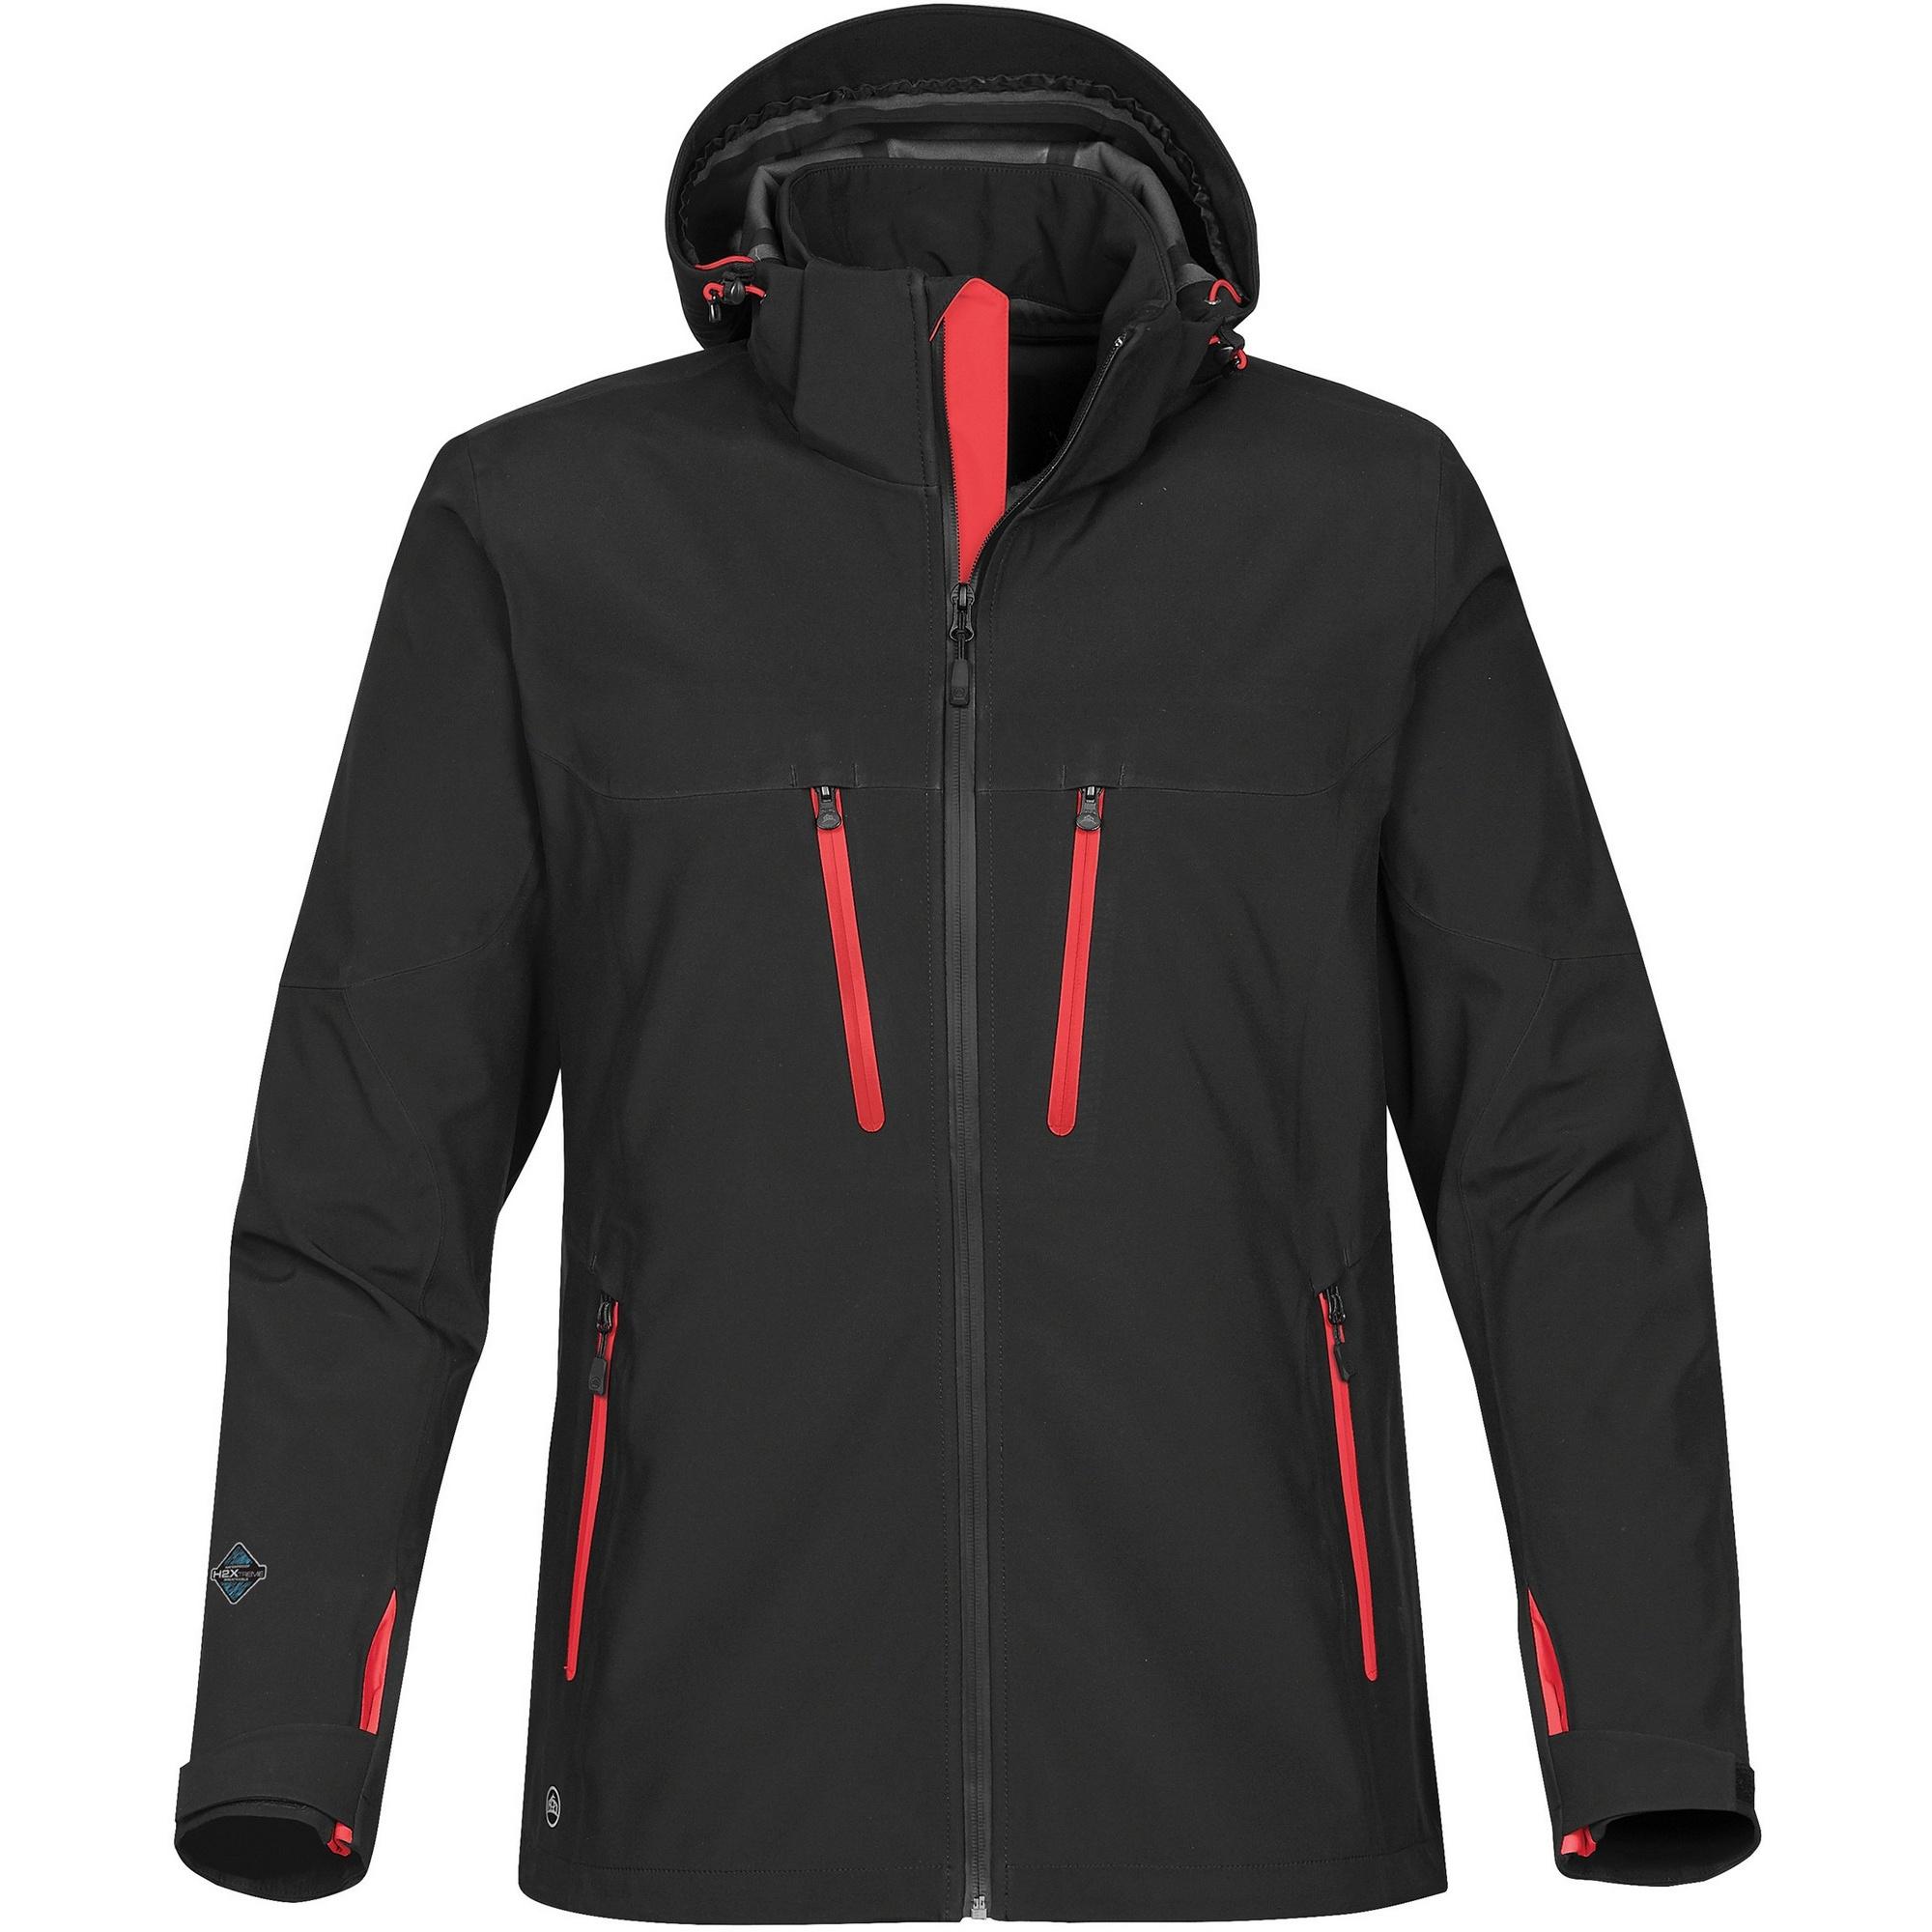 Stormtech Mens Patrol Softshell Jacket (L) (Black/Bright Red)